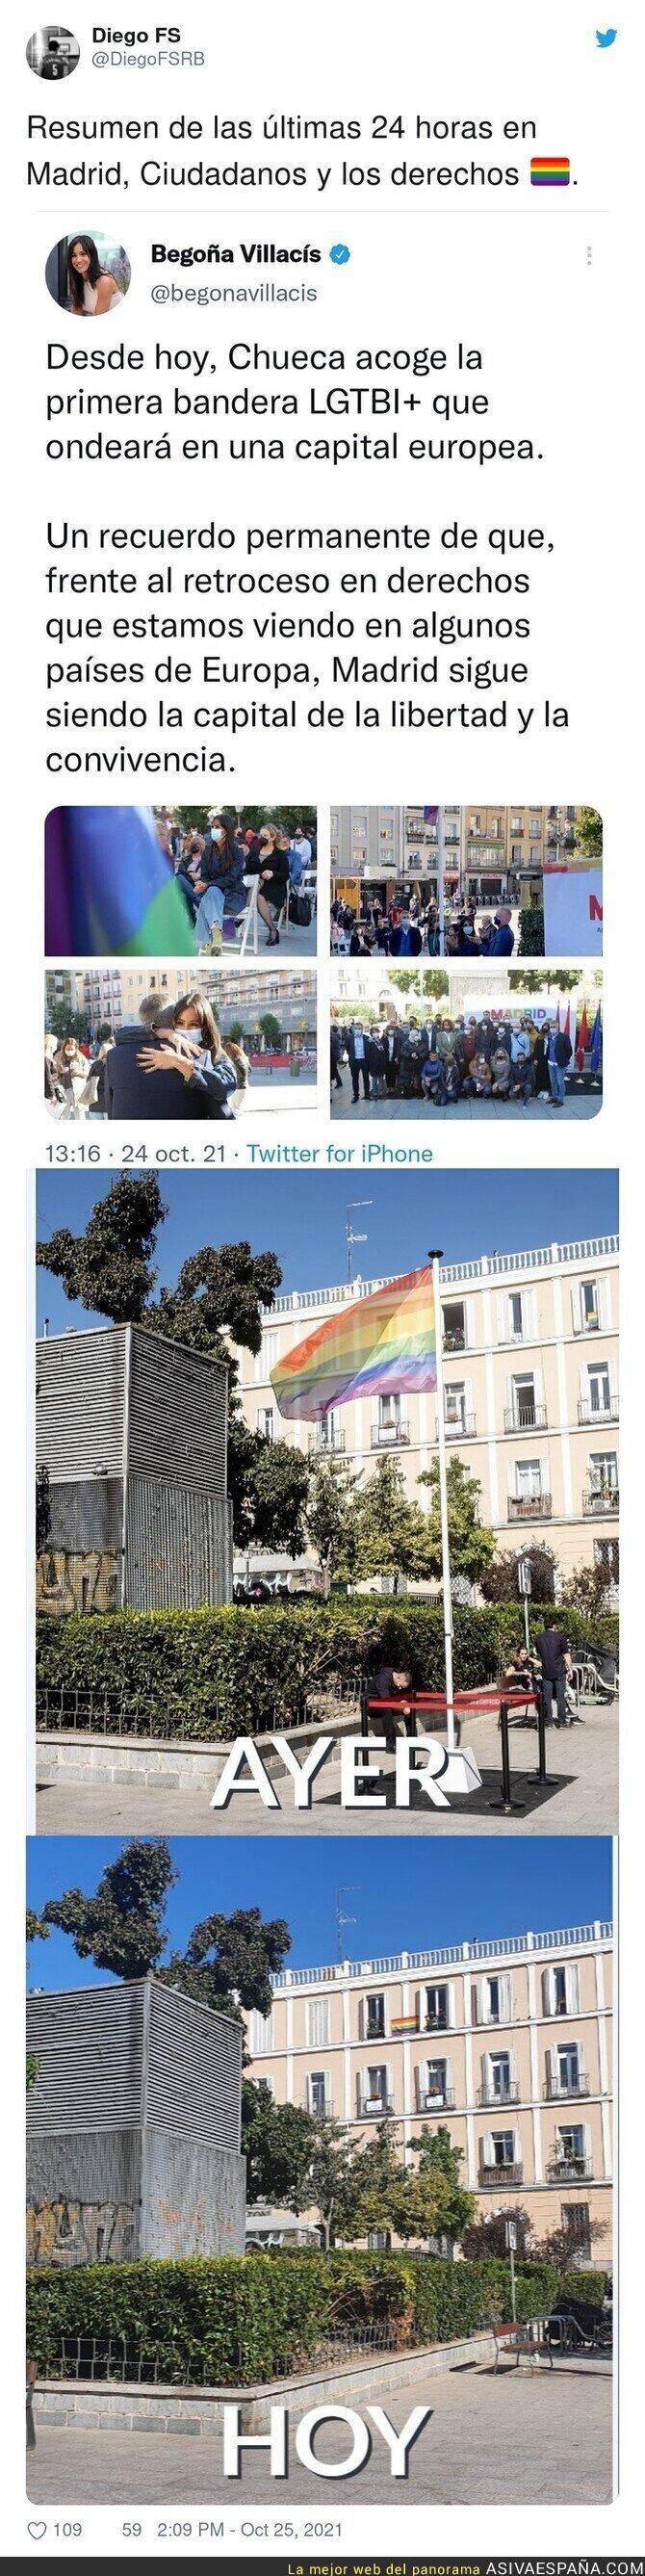 946098 - Esta es la Madrid de las libertades en Madrid con Ciudadanos y PP